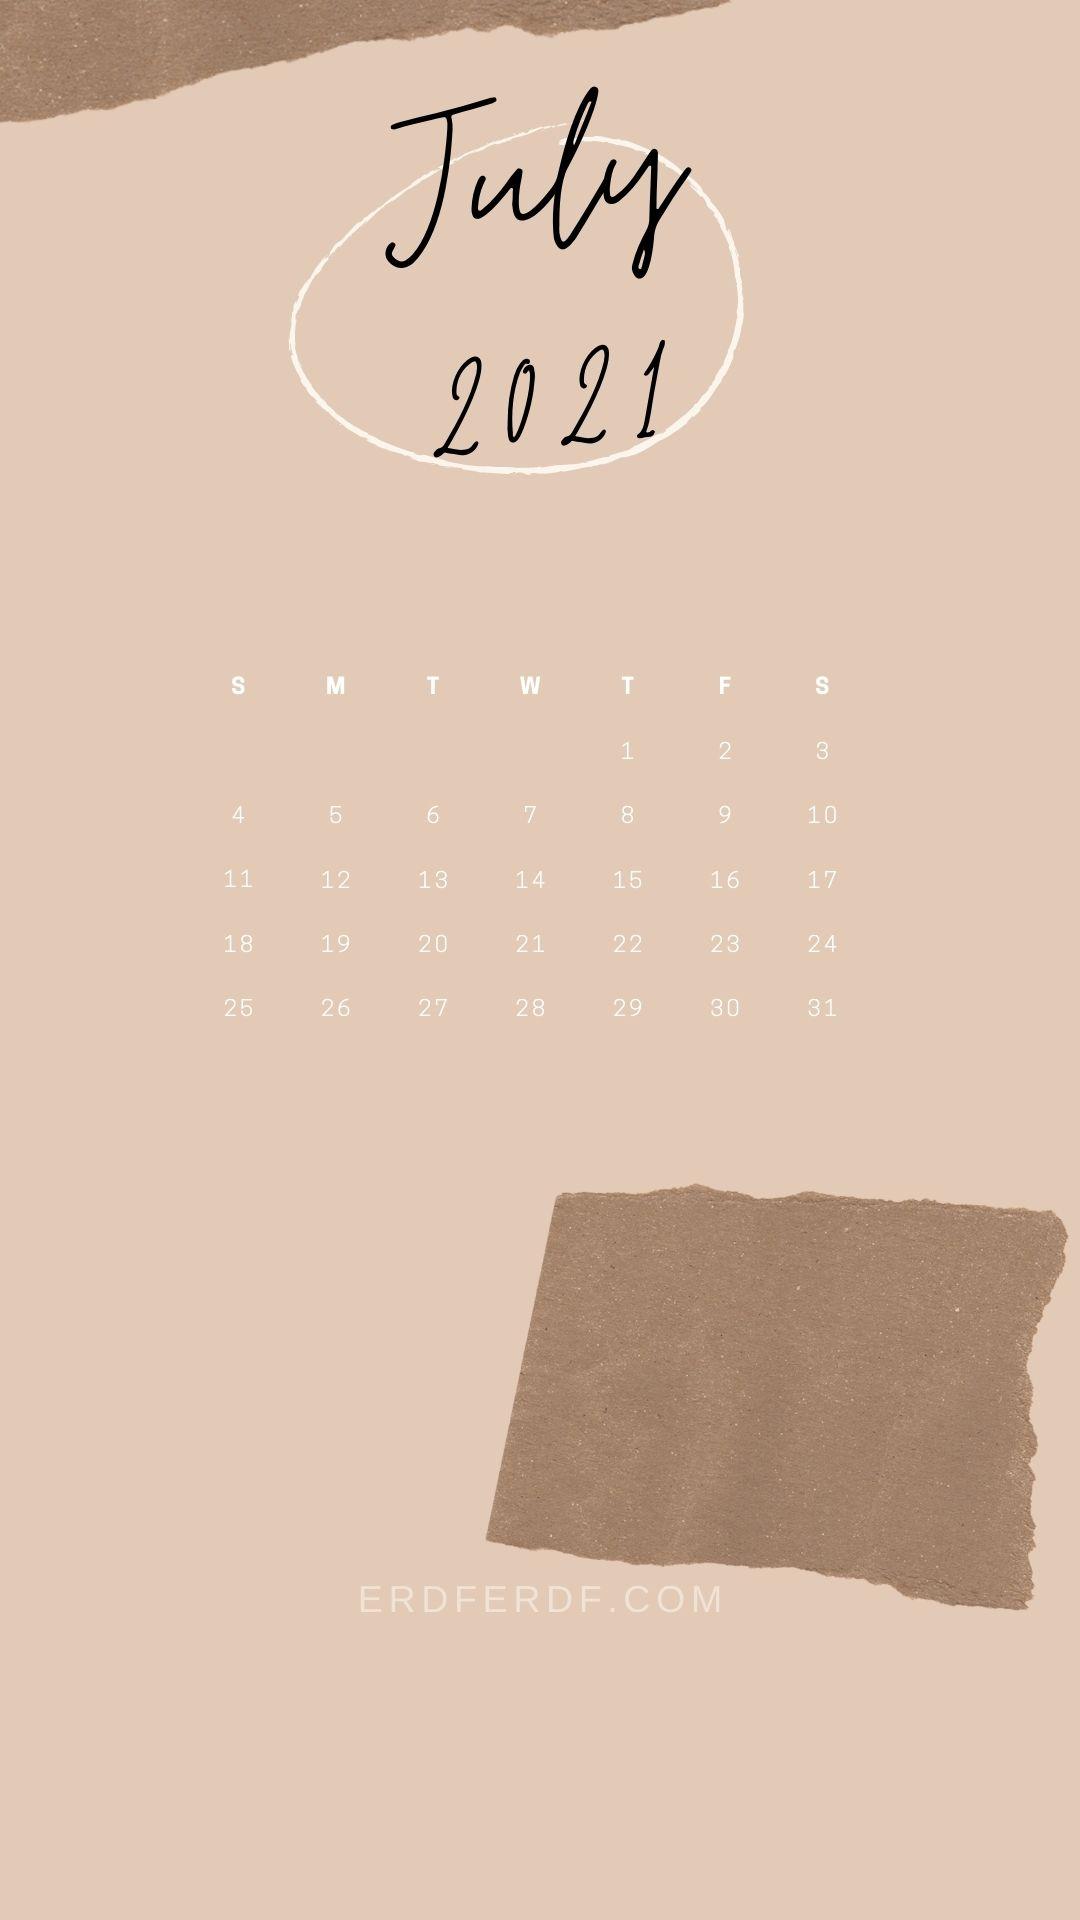 4 July 2021 Callendar Wallpaper Iphone